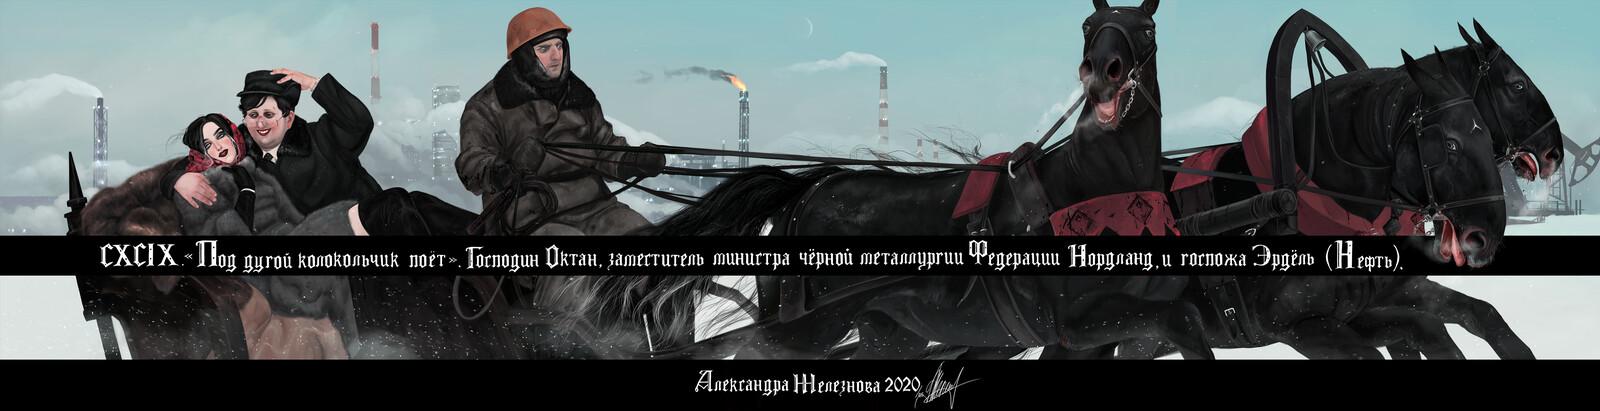 """CXCIX. """"Под дугой колокольчик поёт"""". Господин Октан, заместитель министра чёрной металлургии Федерации Нордланд, и госпожа Нефть. 24.05.2020."""